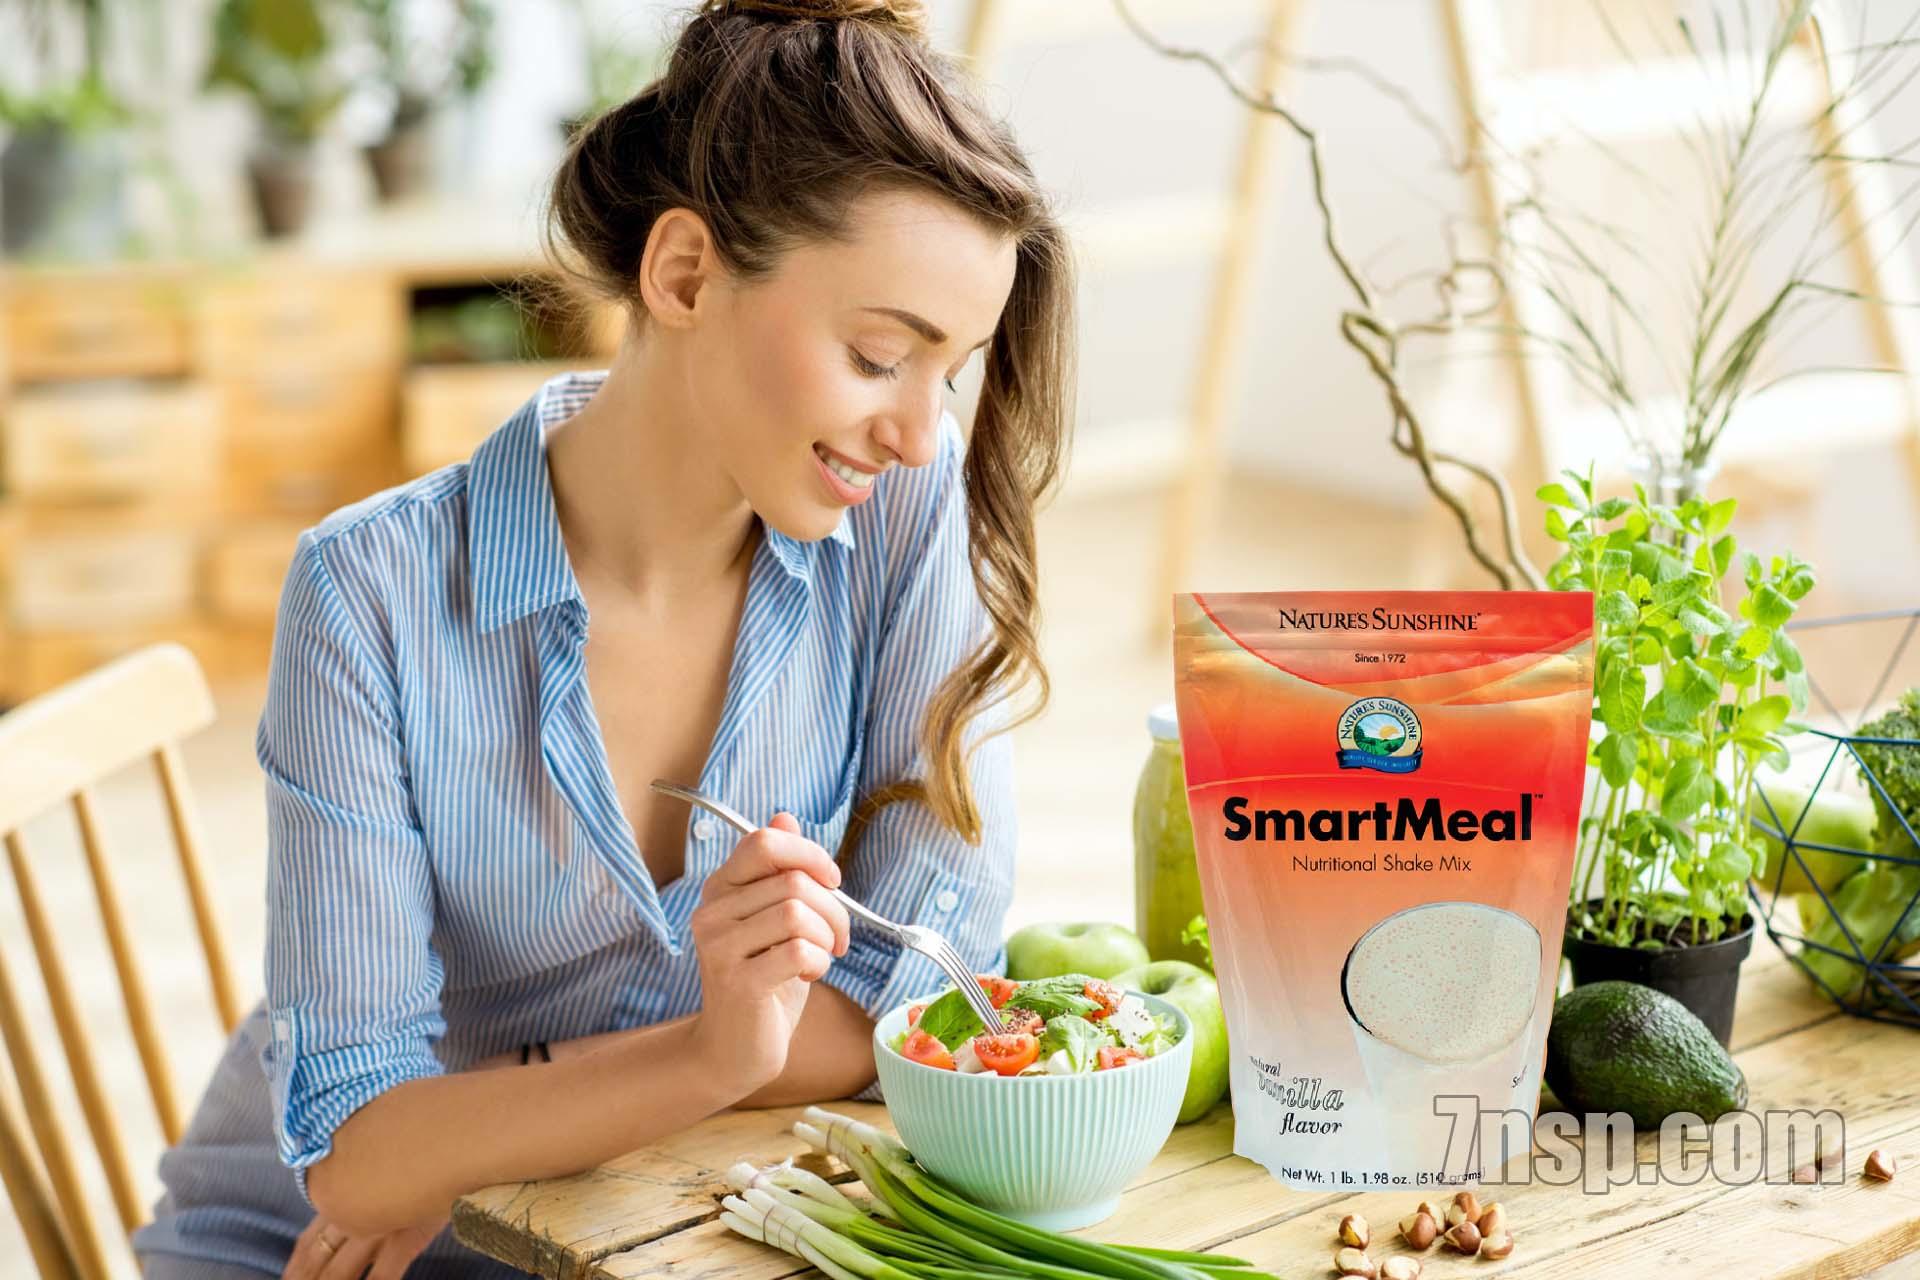 План (режим) здорового, правильного полноценного питания, диета для похудения; продукты питания (молочные продукты, рыба, мясо, овощи, фрукты)